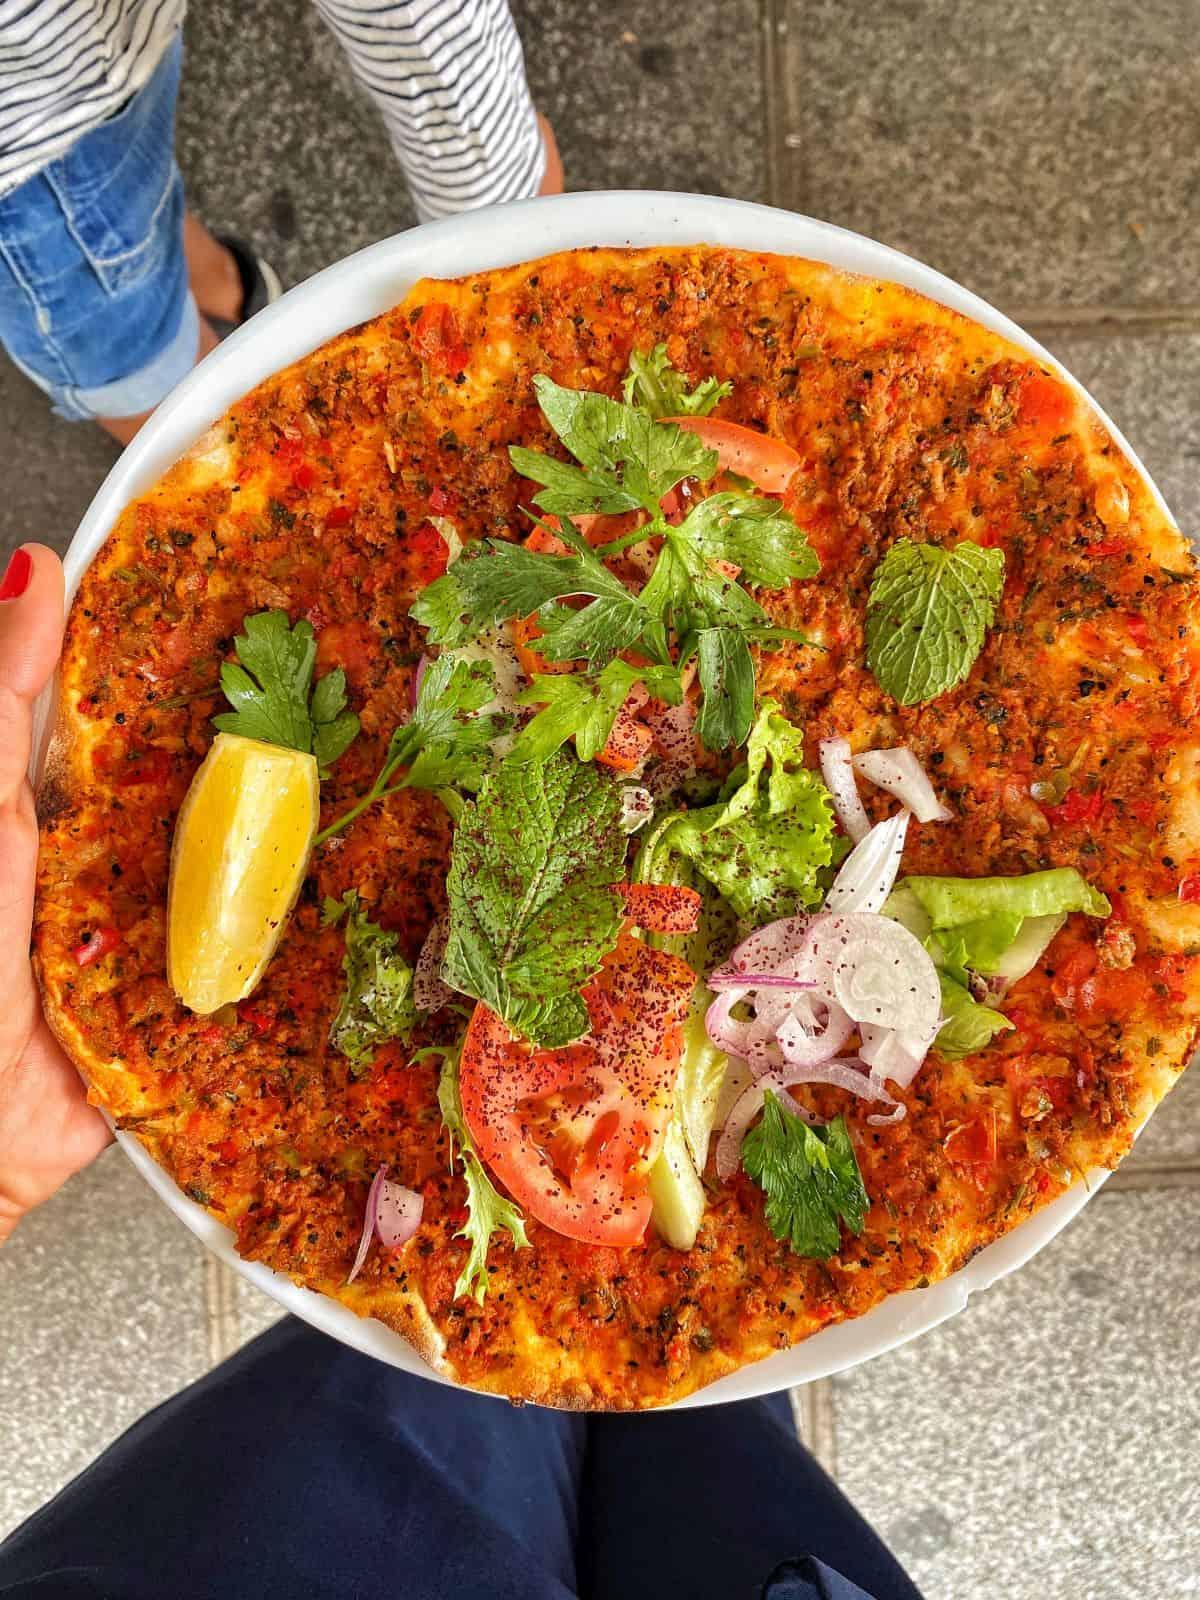 anatolia-village-restaurant-turque-paris-10-pide